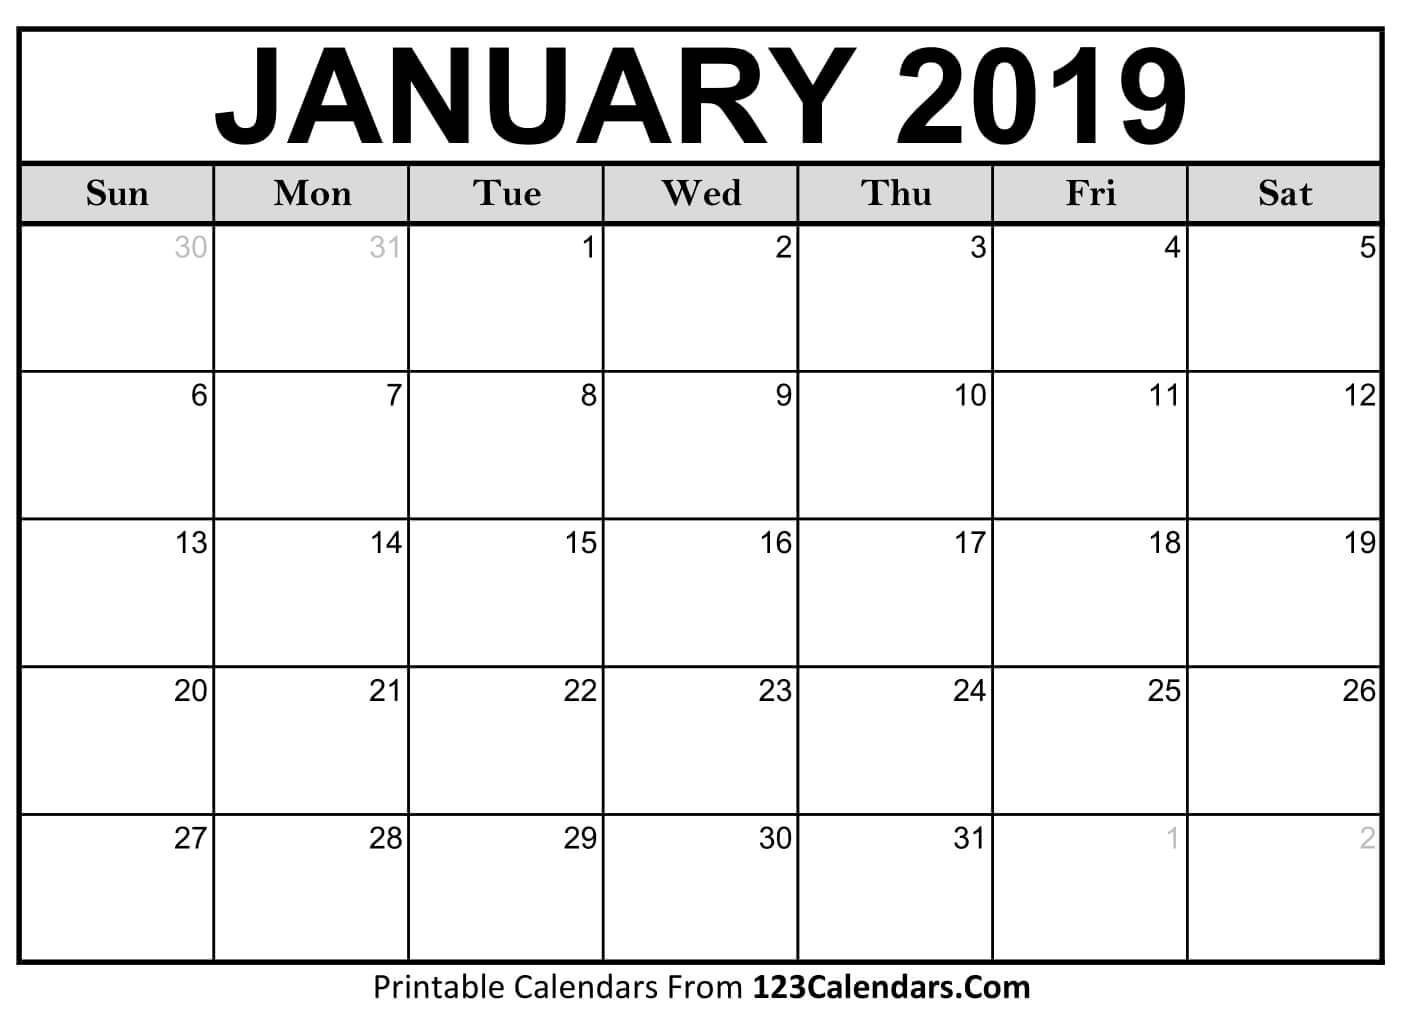 2019 January Calendar Printable – Free Printable Calendar Templates Calendar 2019 January Template